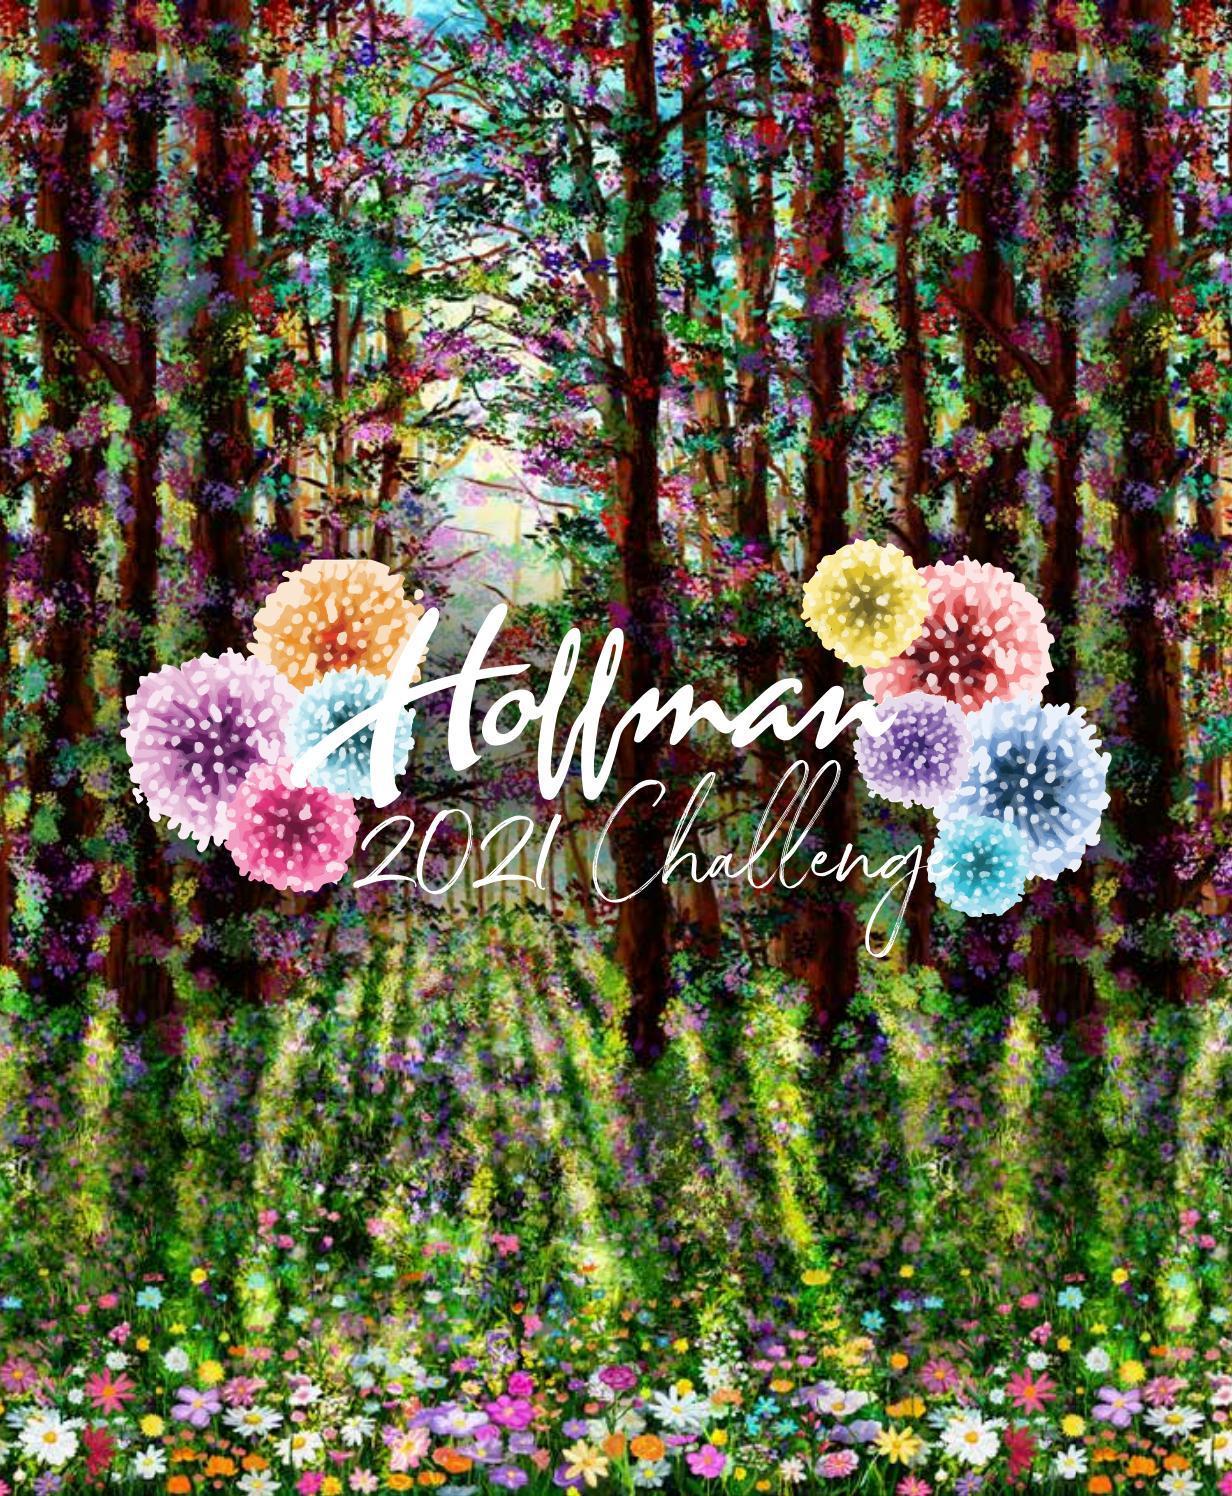 2021-2022 Hoffman Challenge Brochure